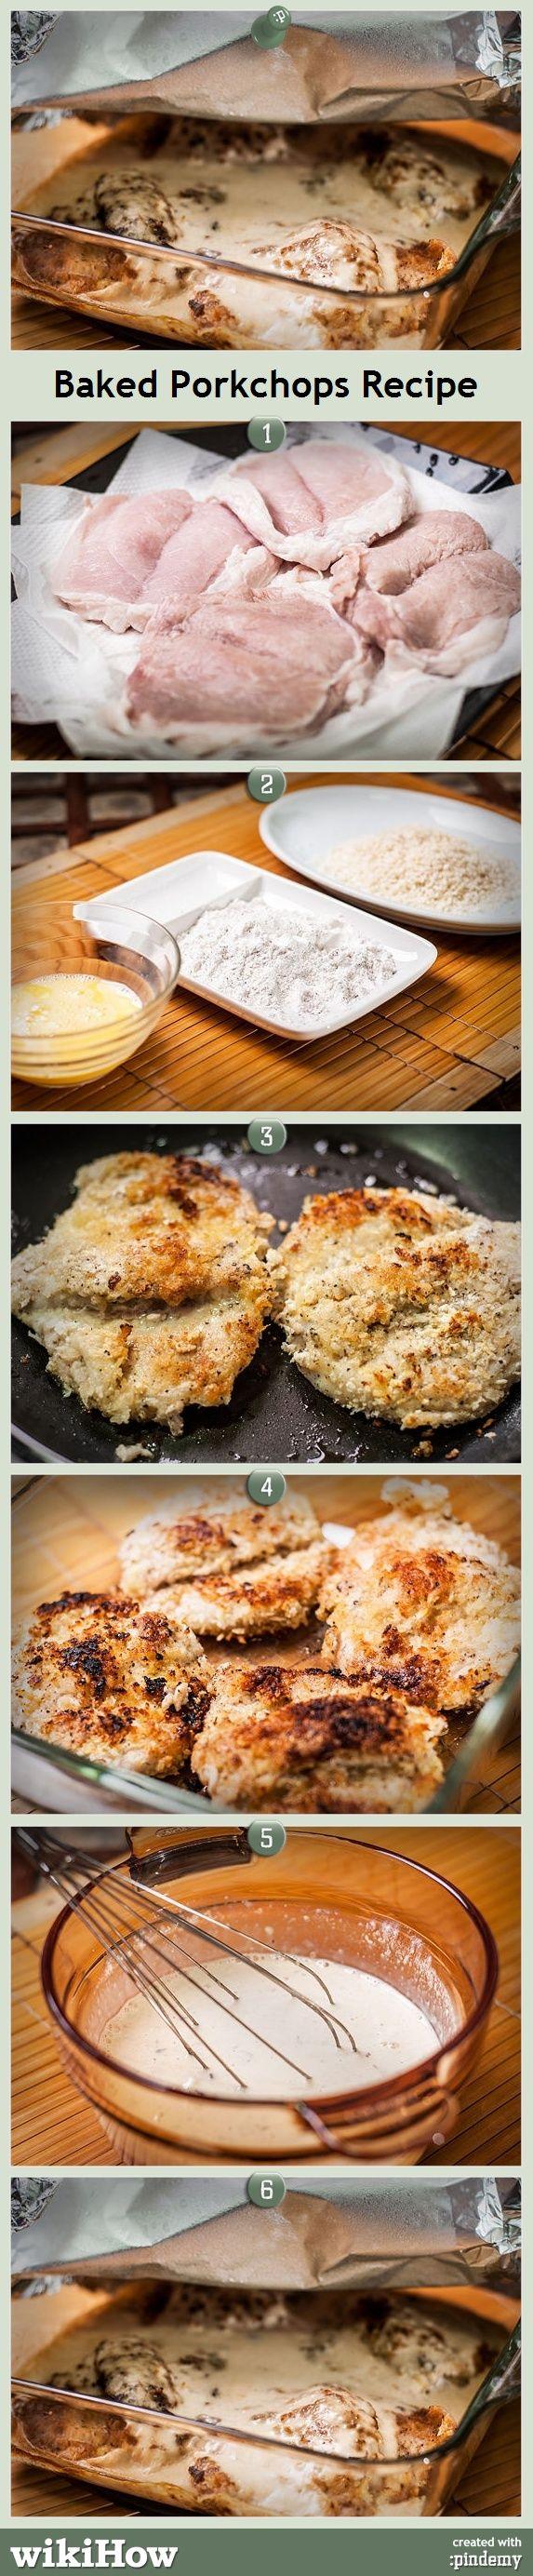 Baked Porkchop Recipe! #recipe